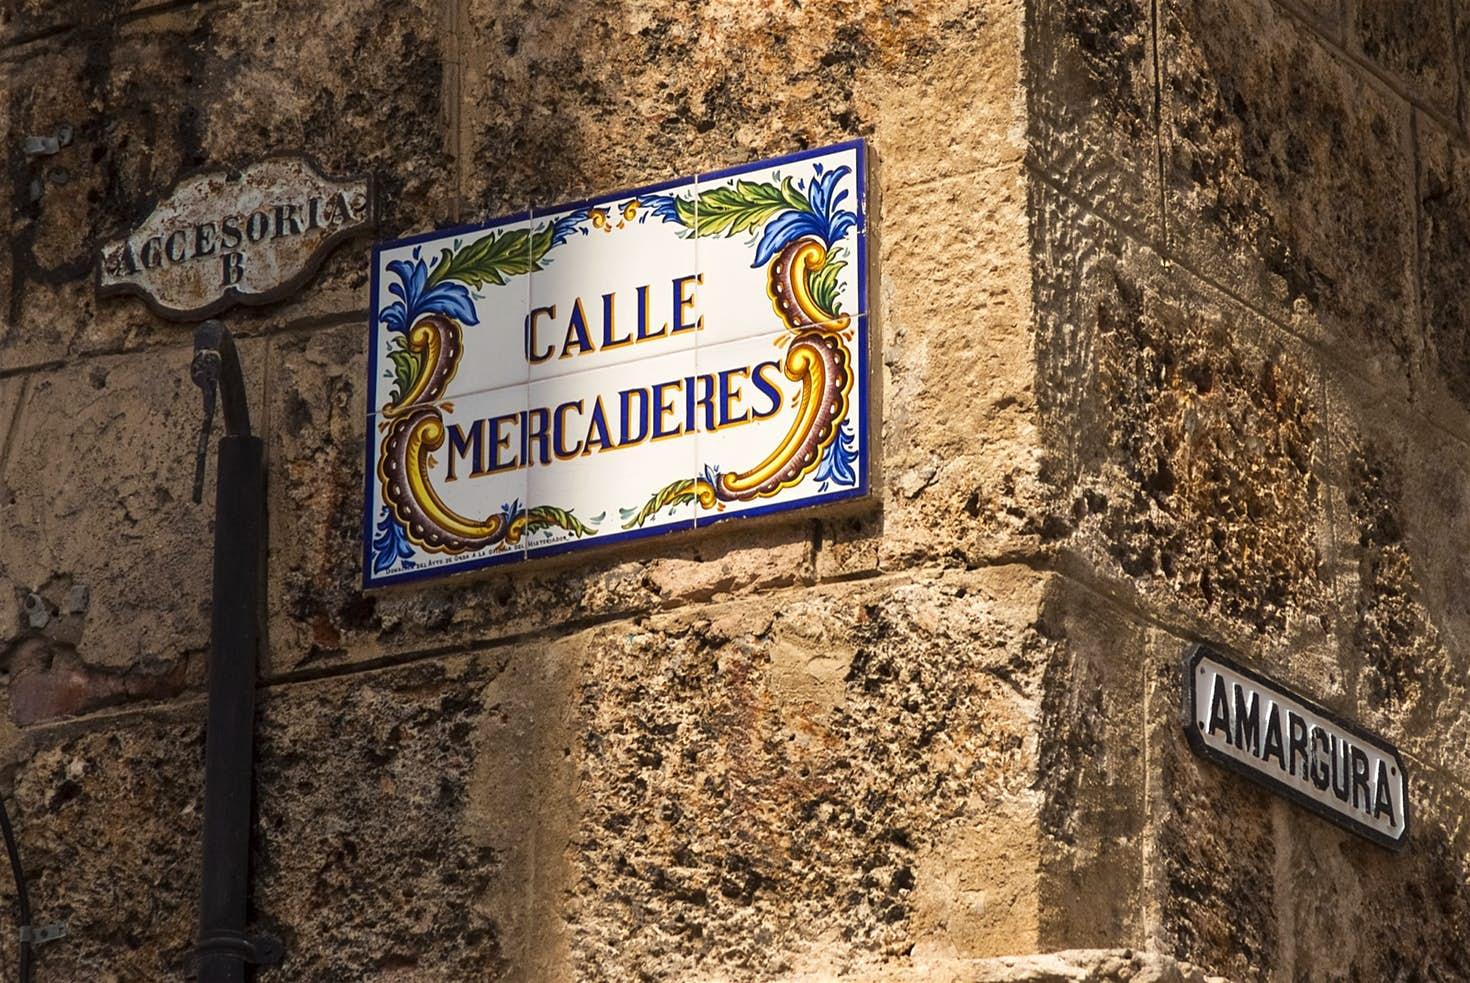 Calle-Mercaderes-35e62e057ffa